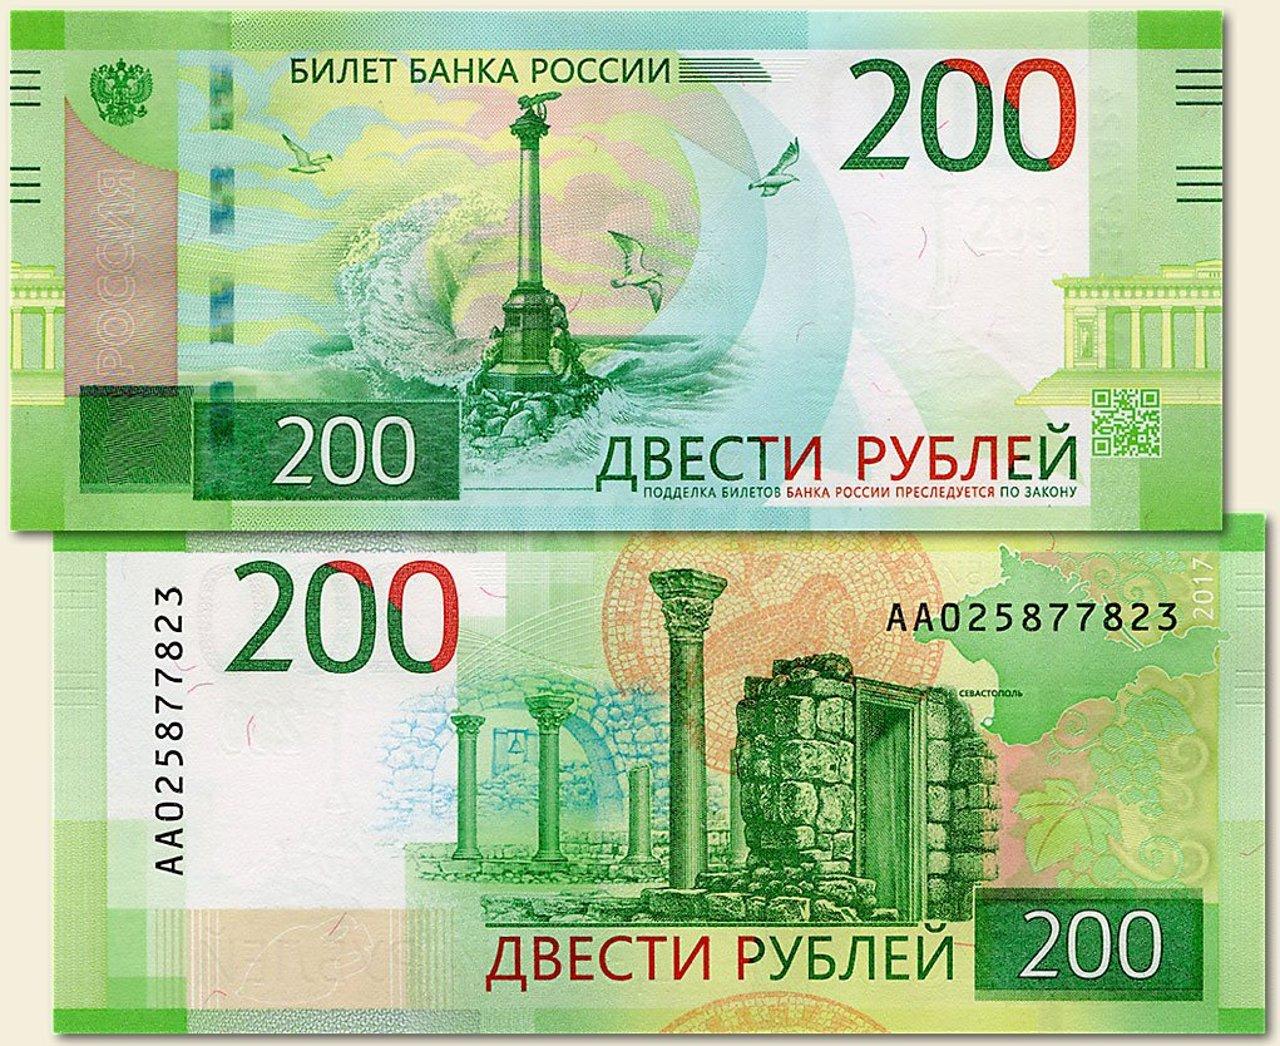 Изображение - Будет ли купюра 10000 рублей novaya-kupyura-200r